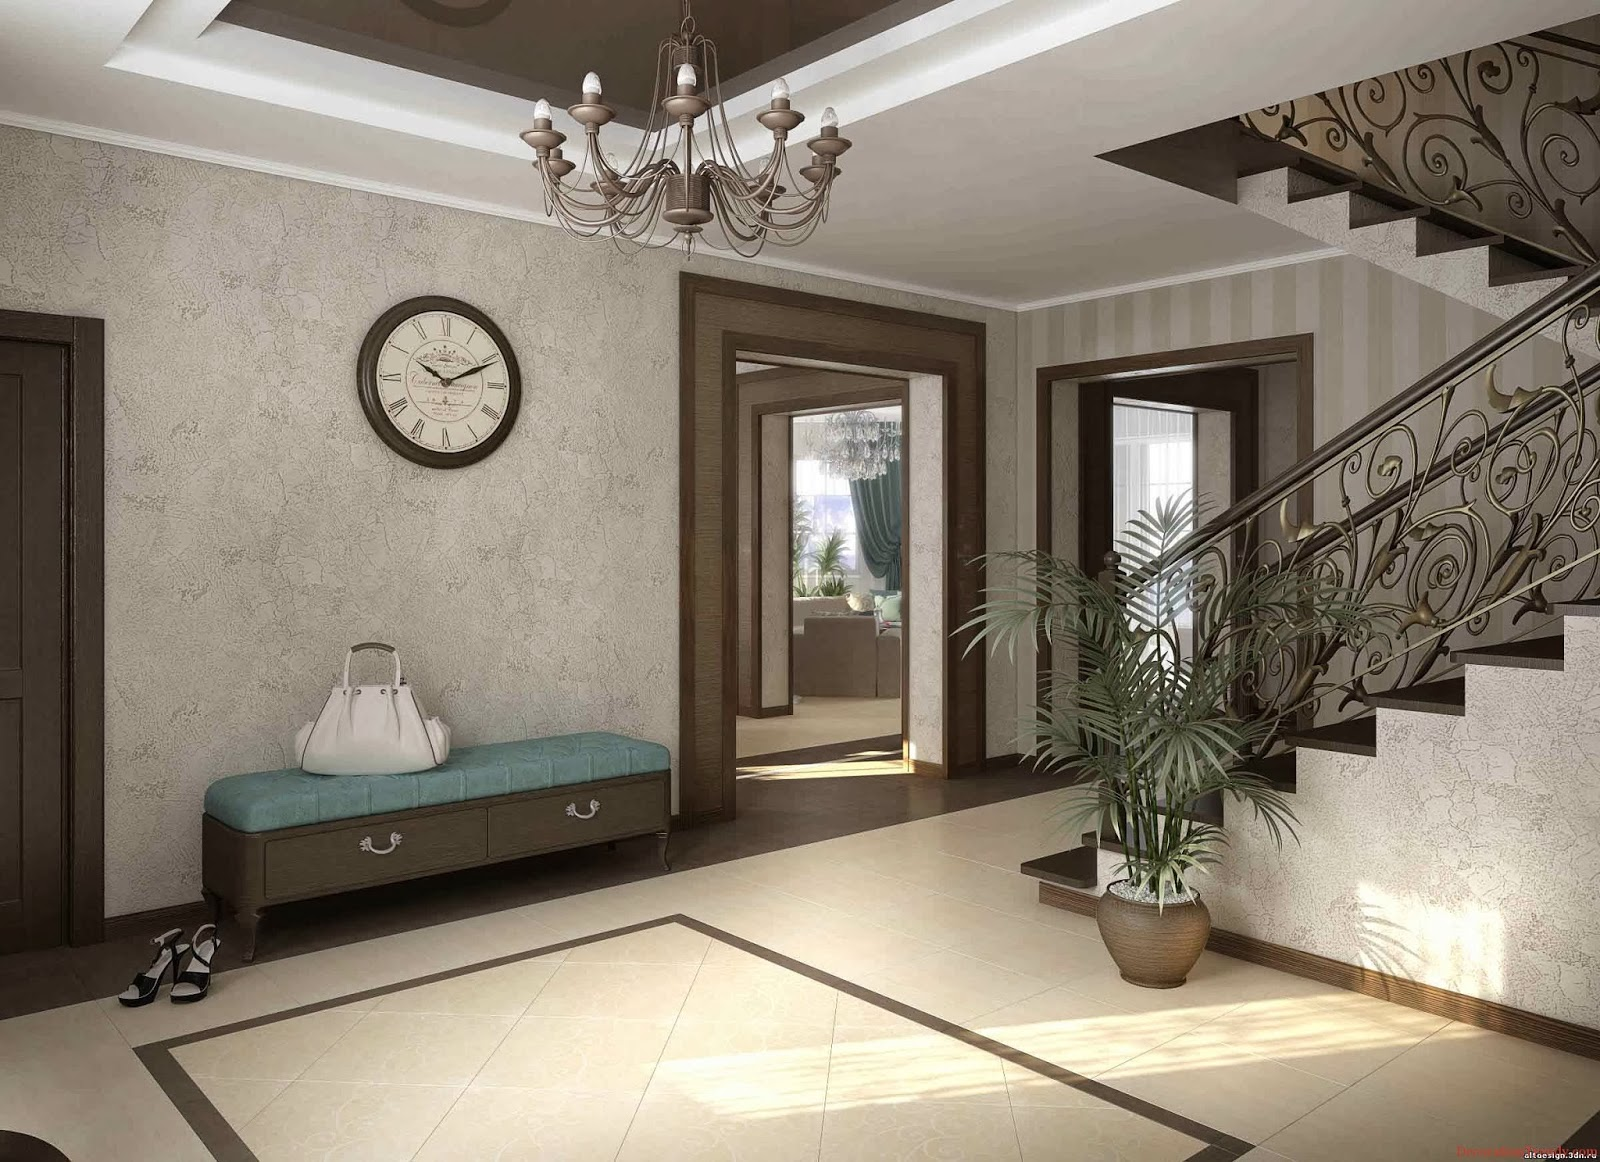 Hallway paint color ideas - Hallway Paint Color Hallway Paint Color Ideas Perfect Wall Colour With Hallway Paint Color Ideas